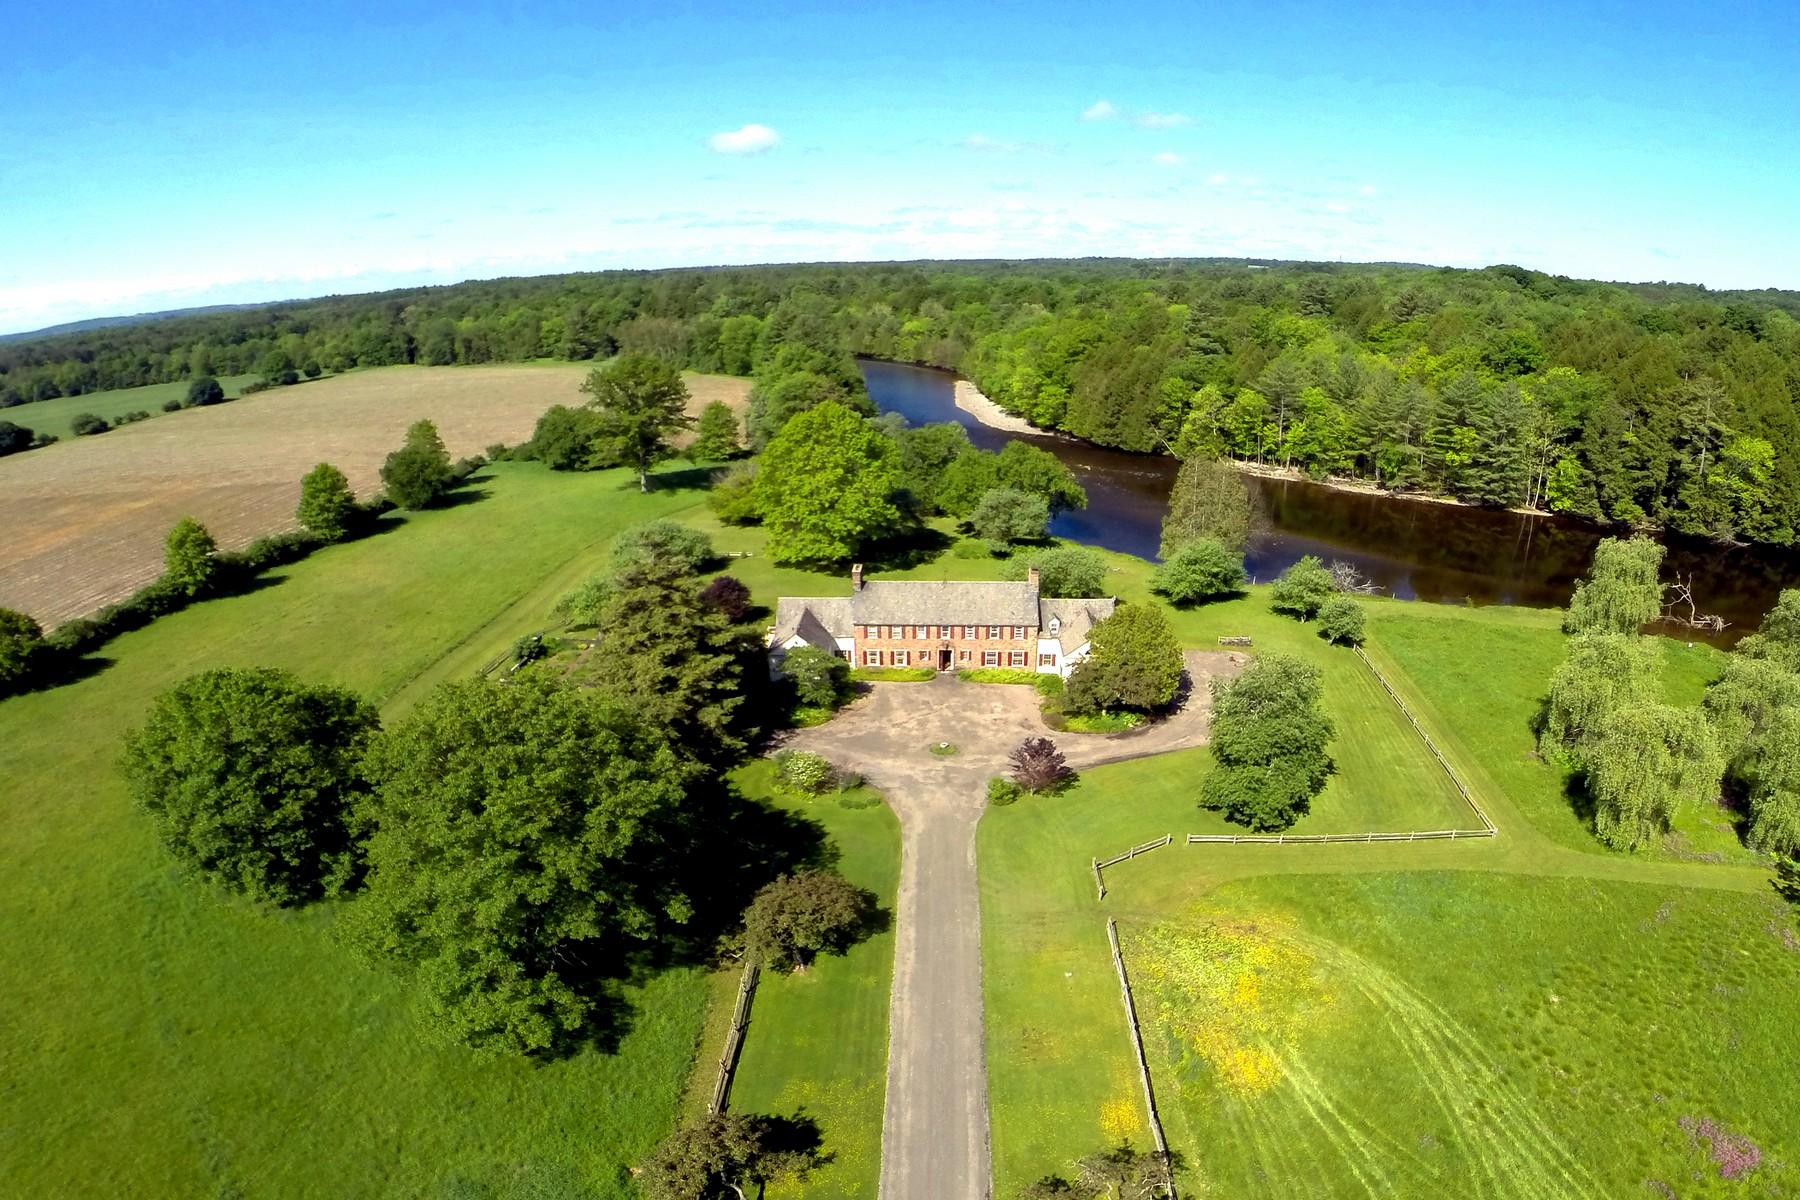 Casa Unifamiliar por un Venta en Country Manor Estate in Upstate New York 549 Partridge Hill Road Barneveld, Nueva York 13304 Estados Unidos